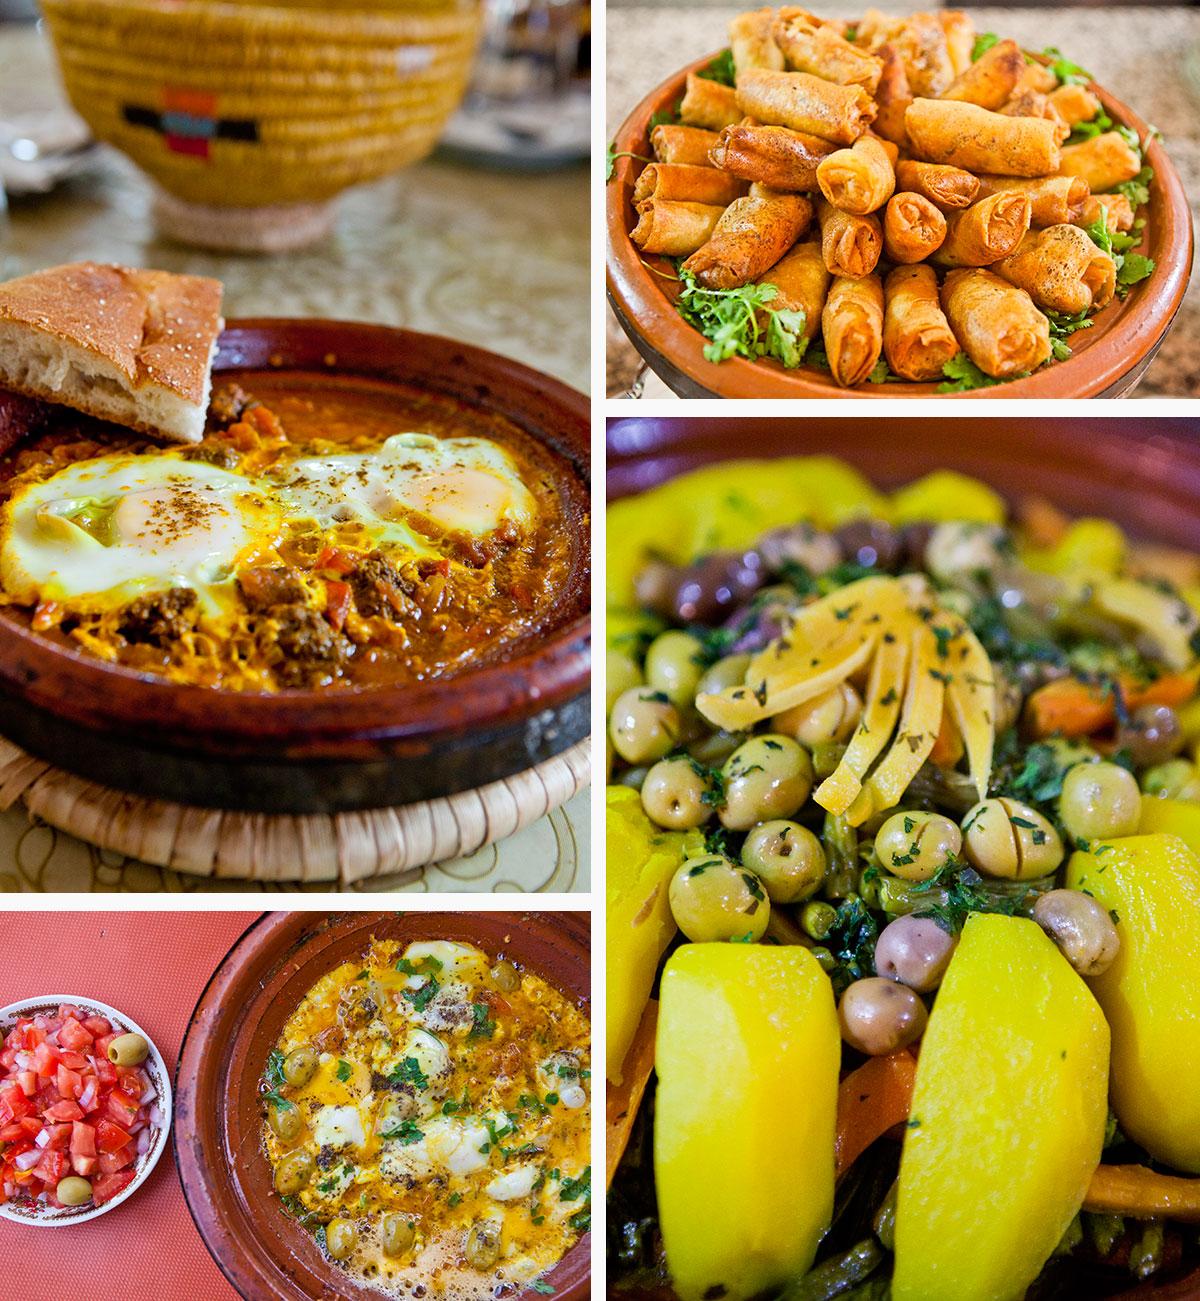 kuchnia-marokanska-stachowiak-mariusz